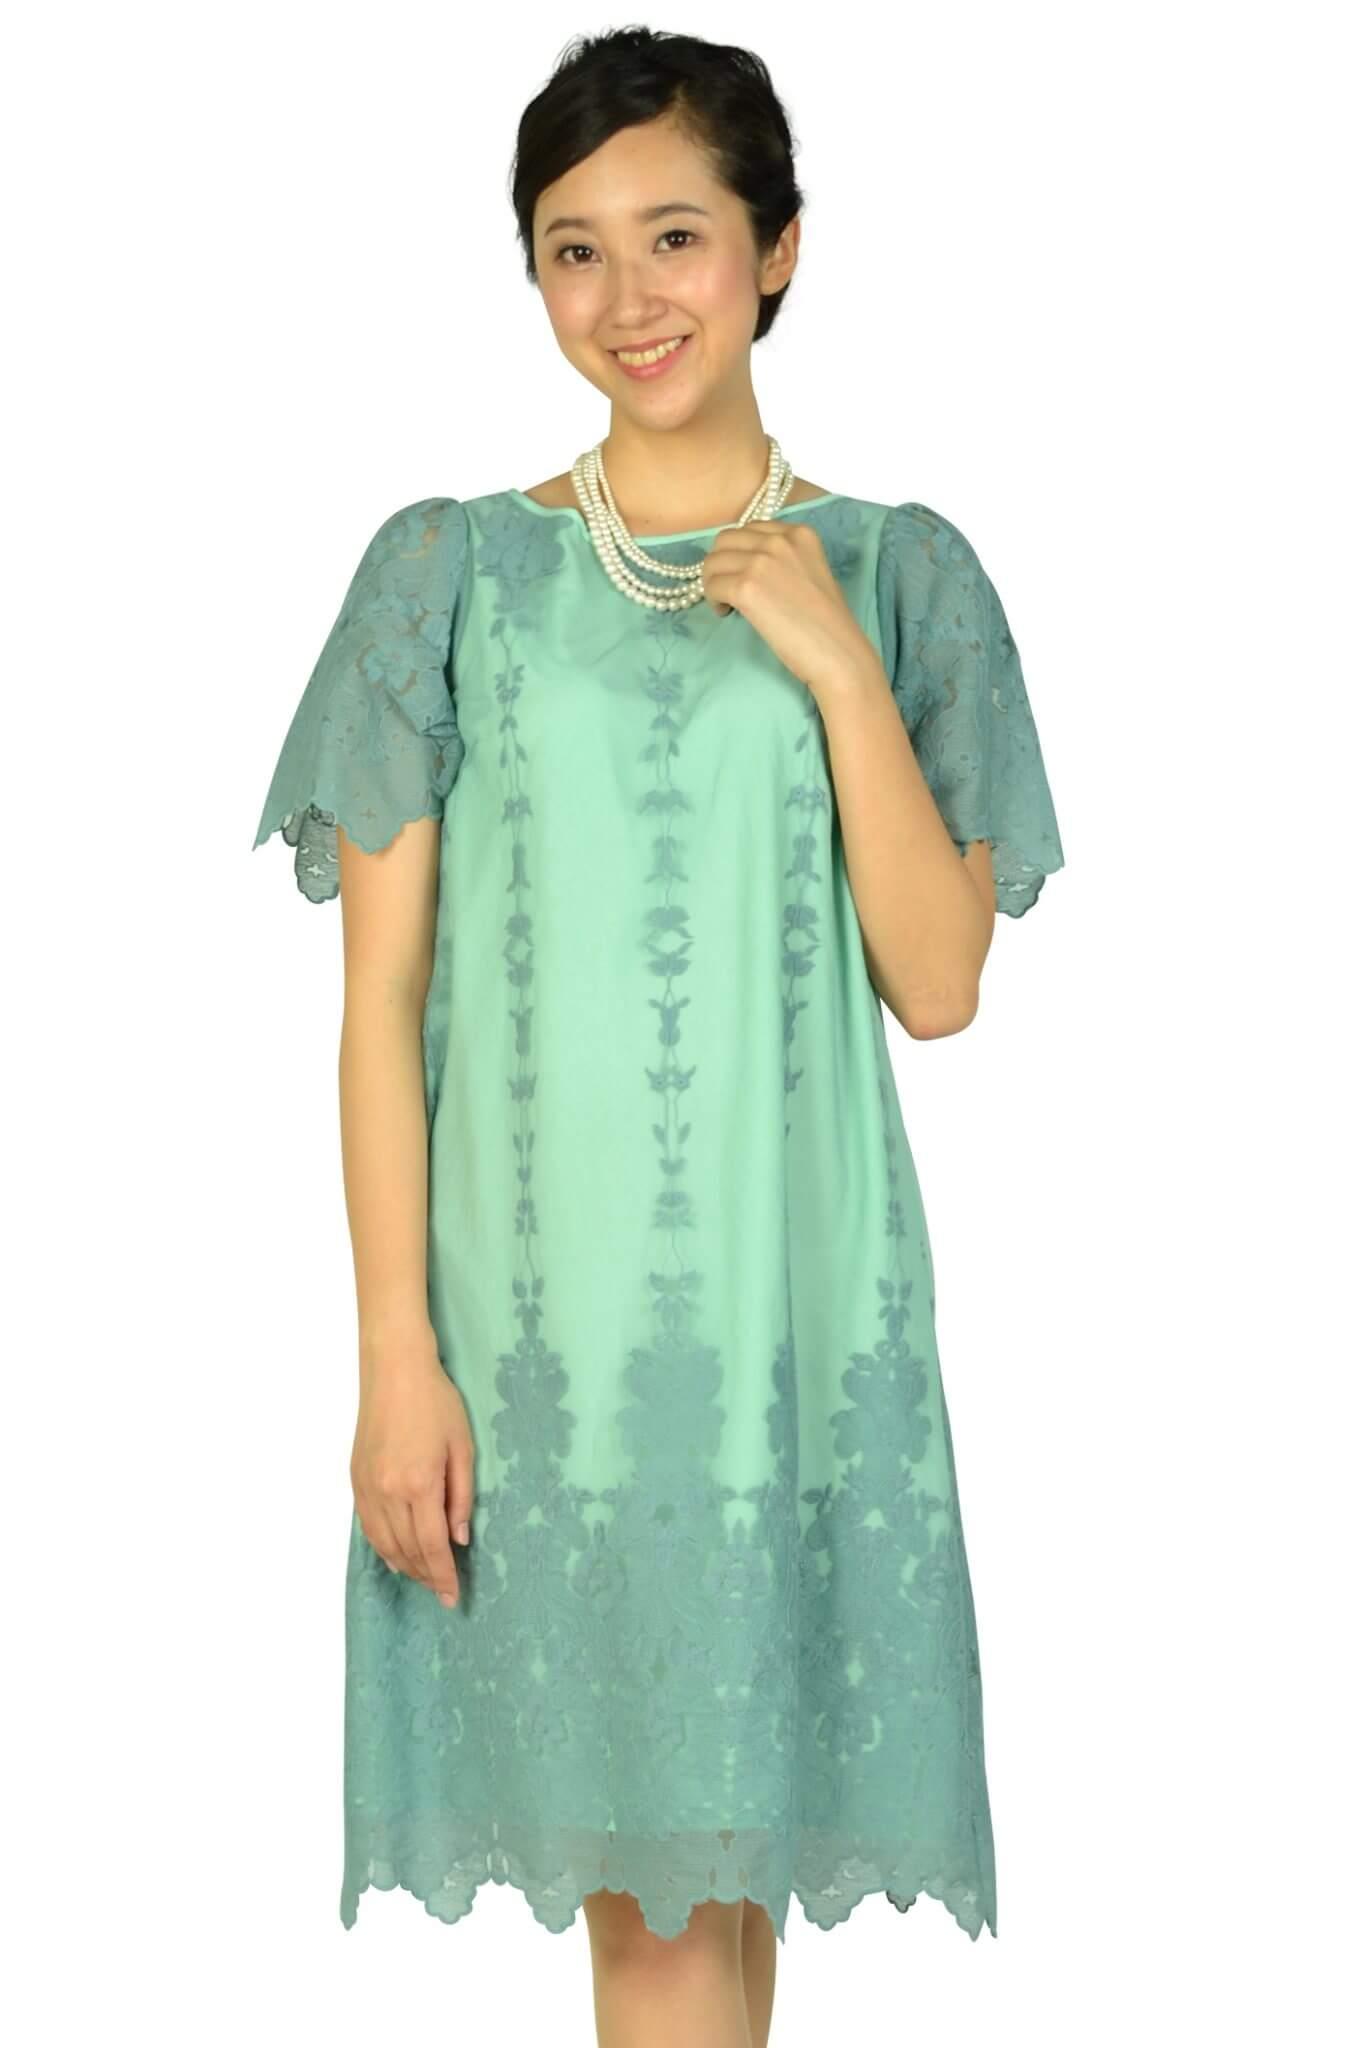 アナトリエ (anatelier)袖ありフラワー刺繍ミントグリーンドレス